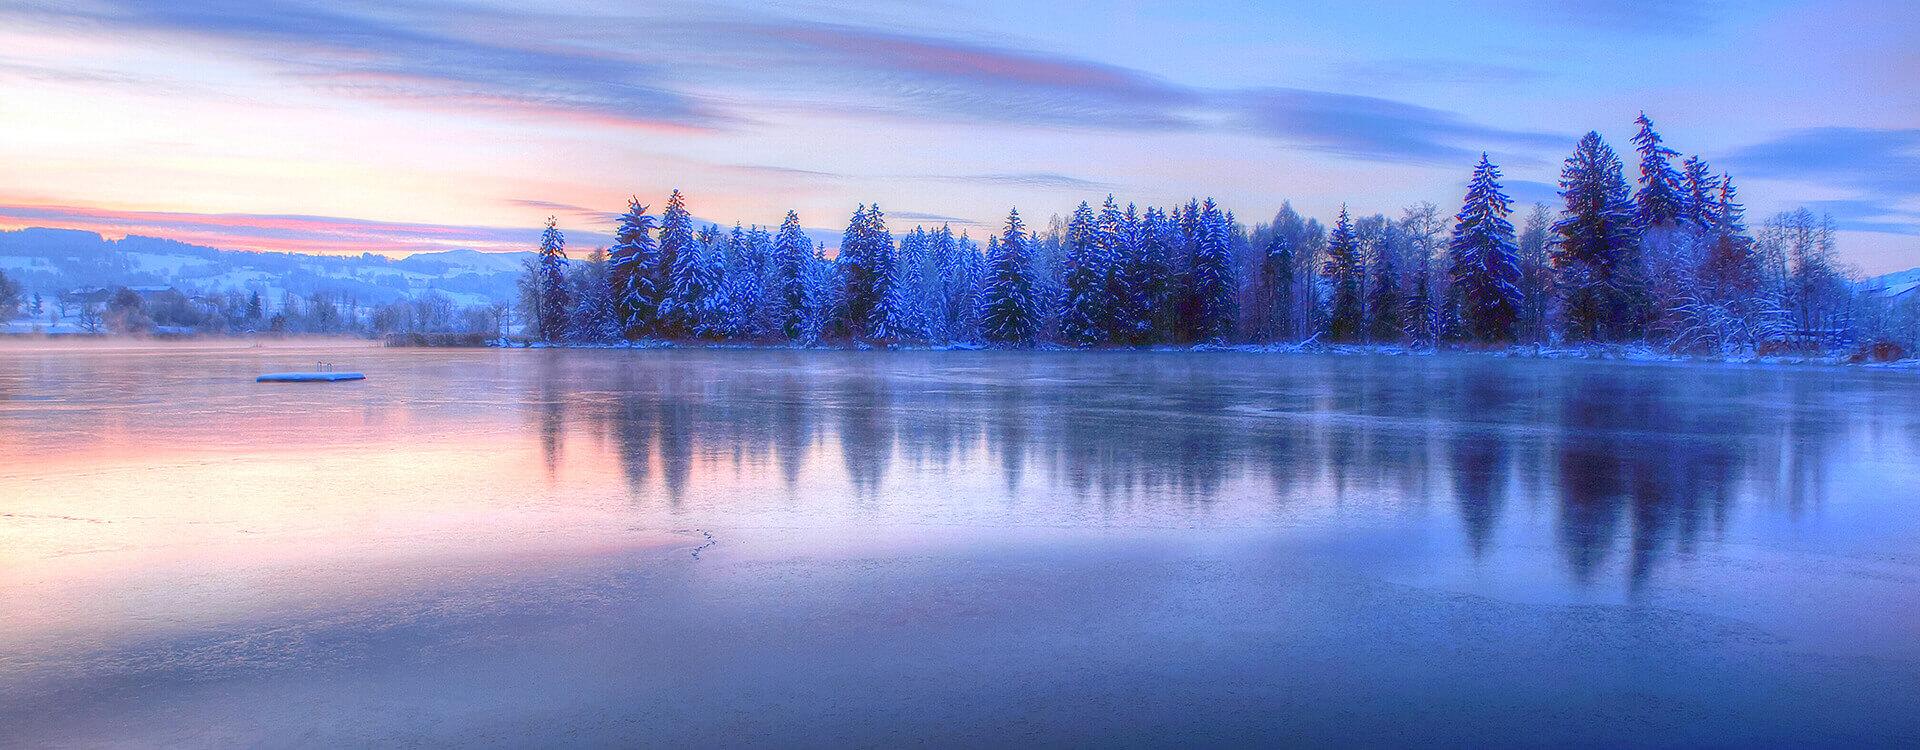 Winterparadies Allgäu